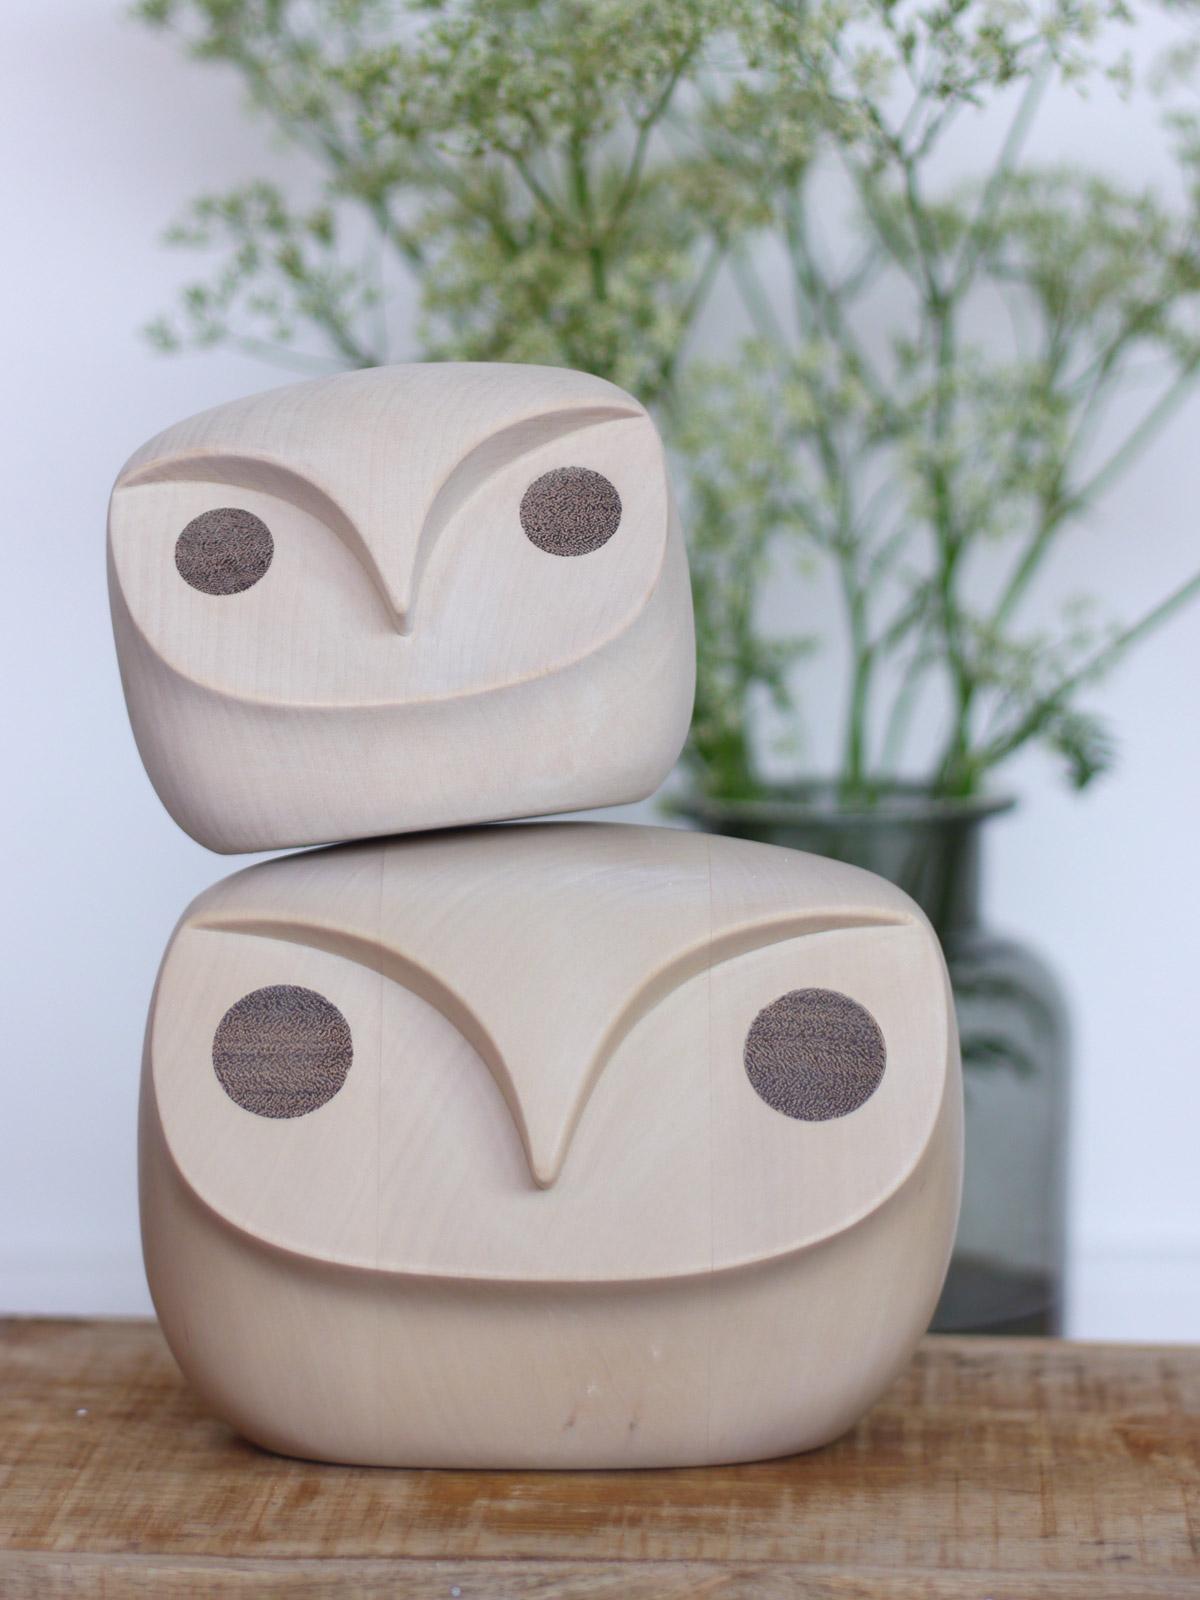 HOWDY OWL groß und klein - ein humorvolles Dekoobjekt von MENU